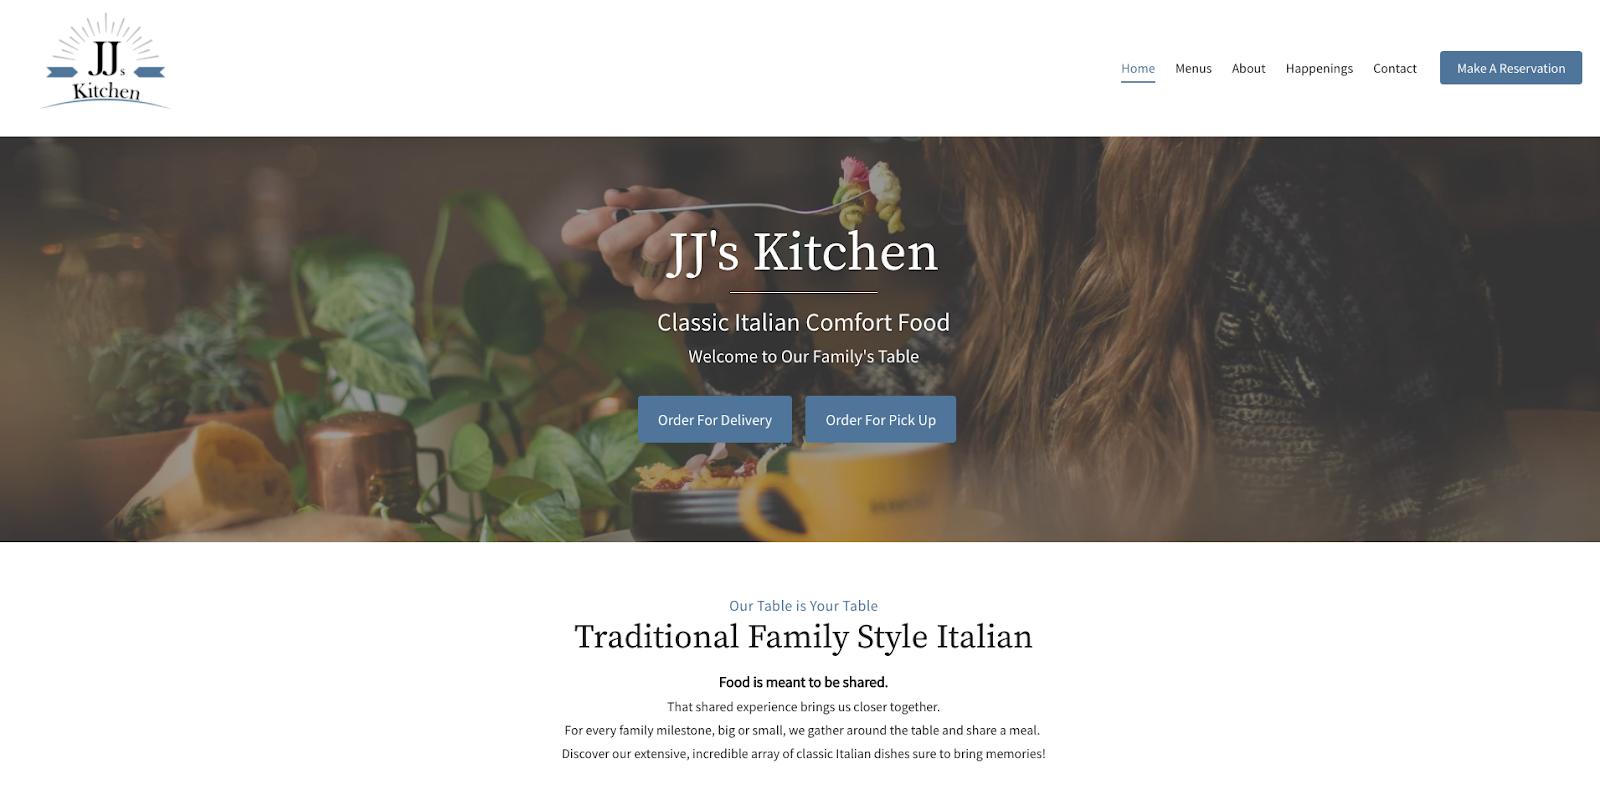 Basic Website Design Principles